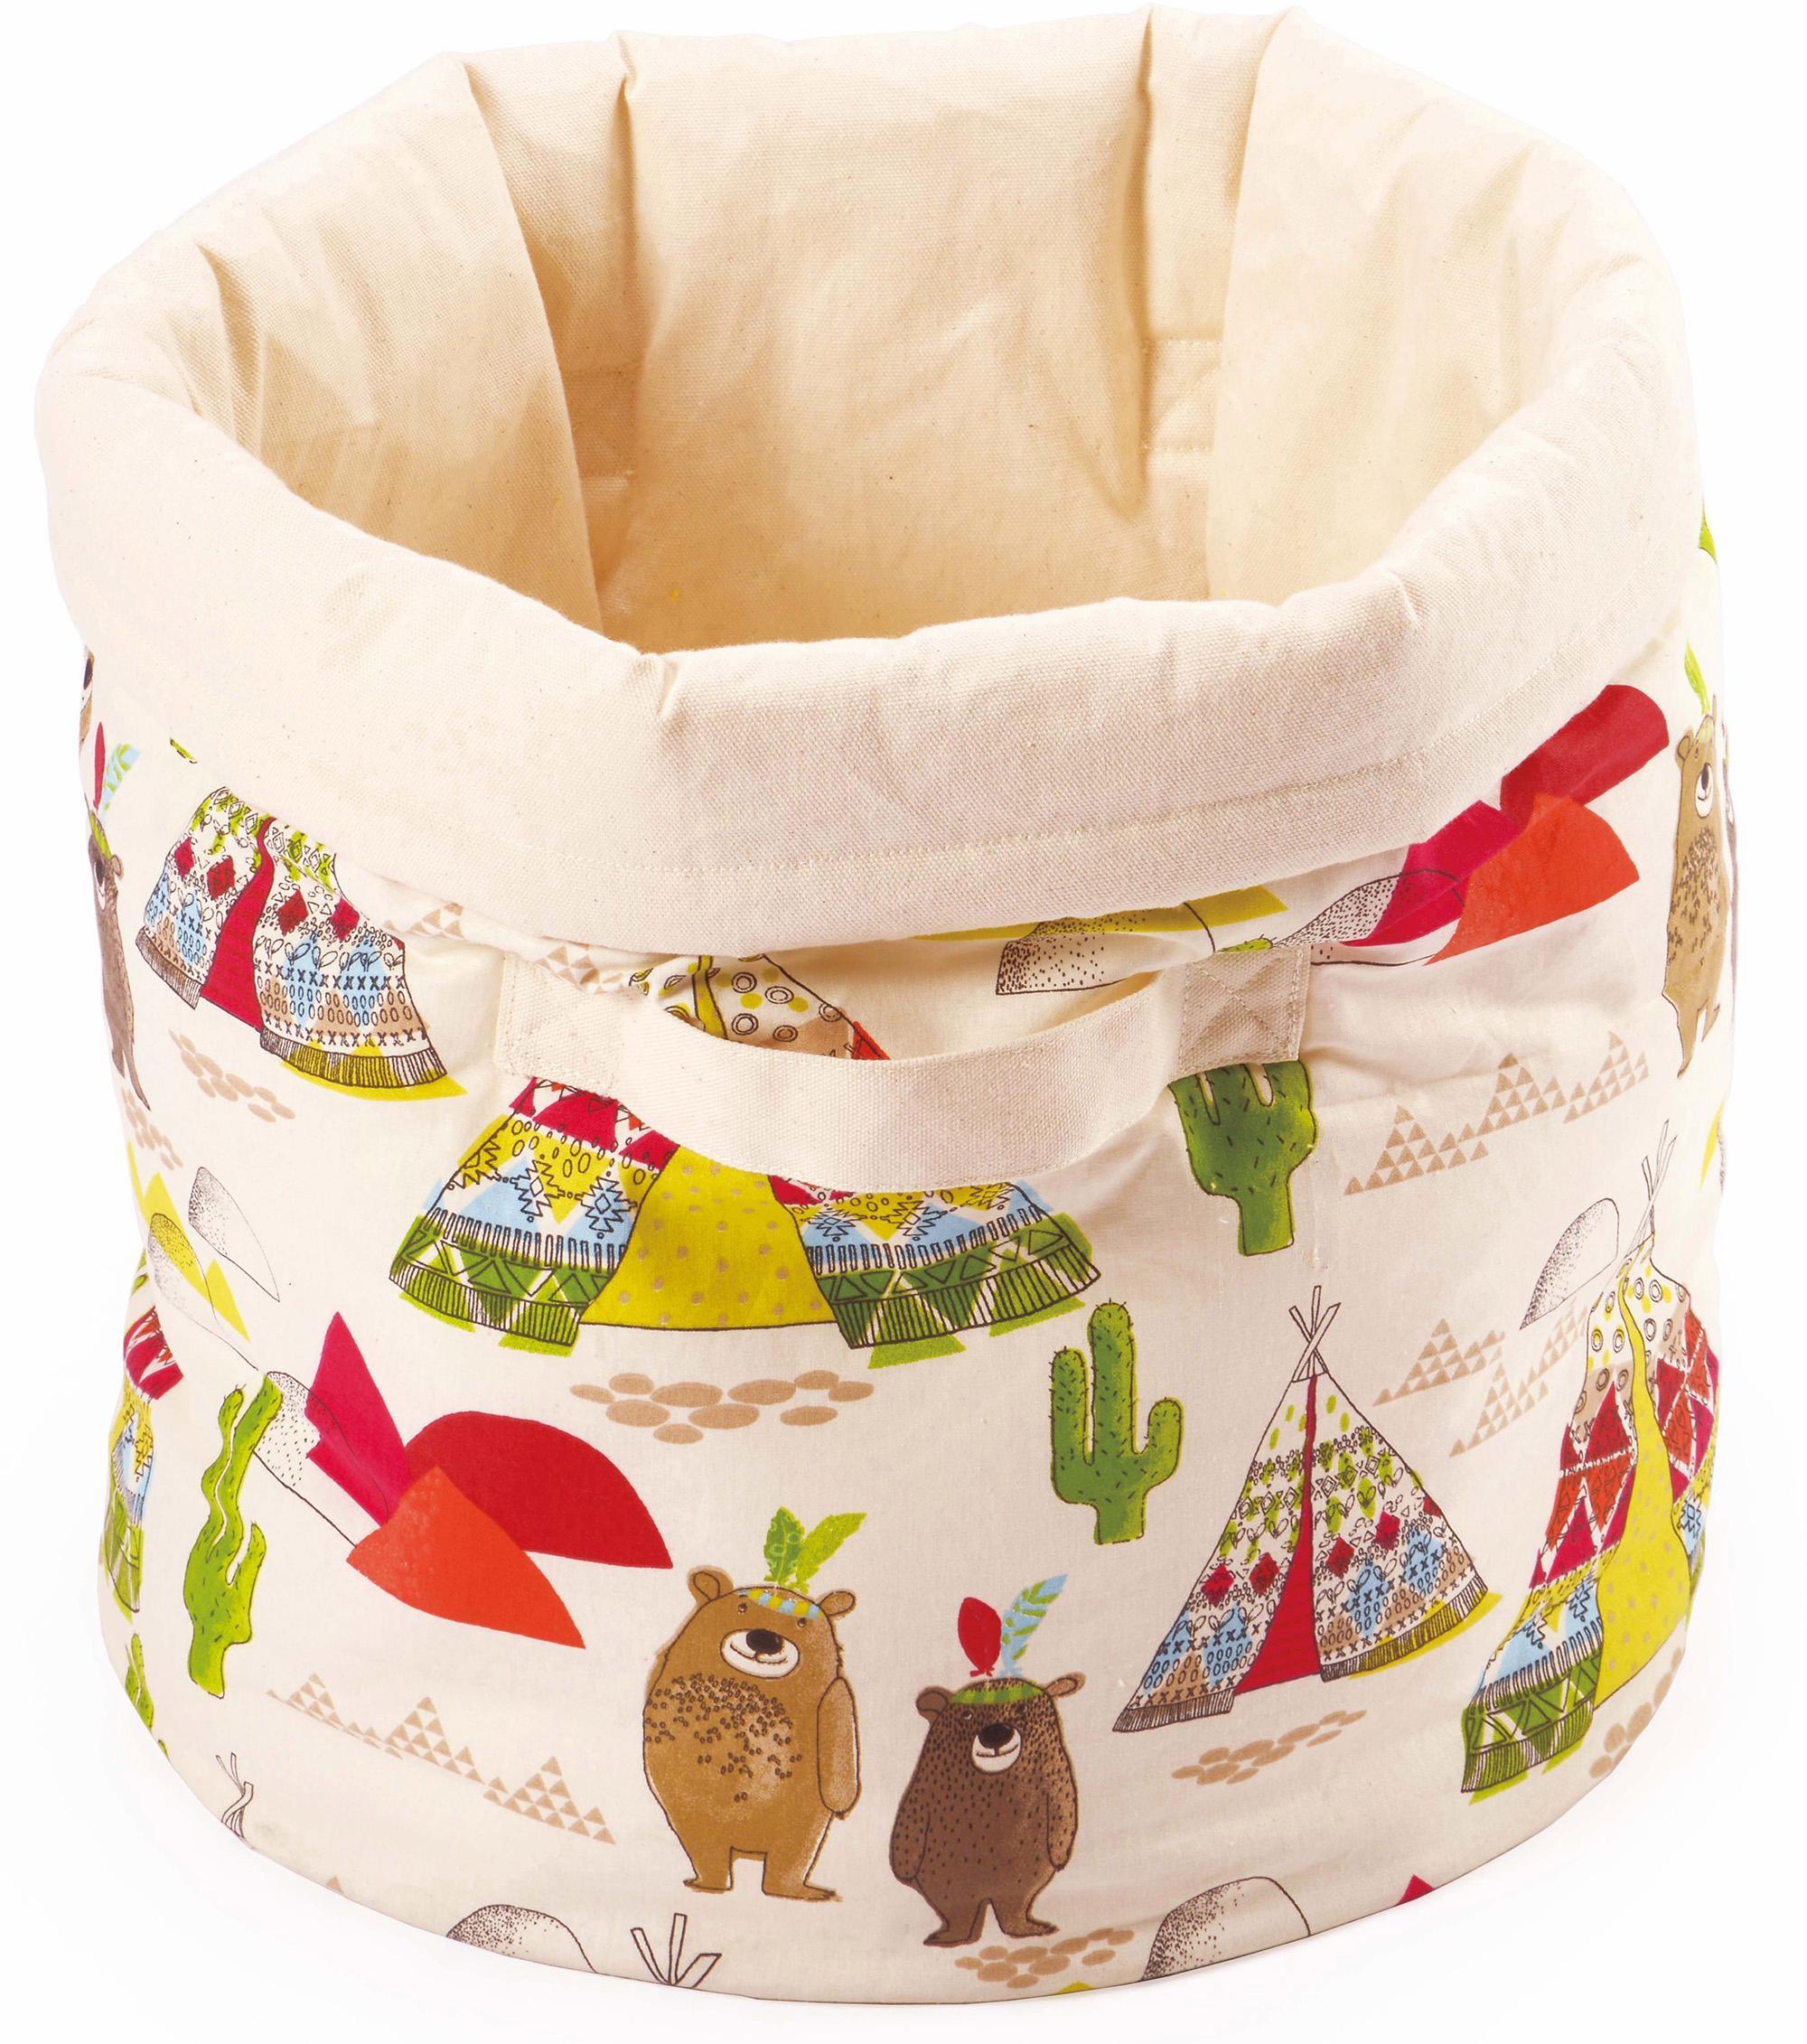 Käthe Kruse Aufbewahrungsbox Bärenland Spielzeugtasche bunt Ab Geburt Altersempfehlung Aufbewahrungsboxen